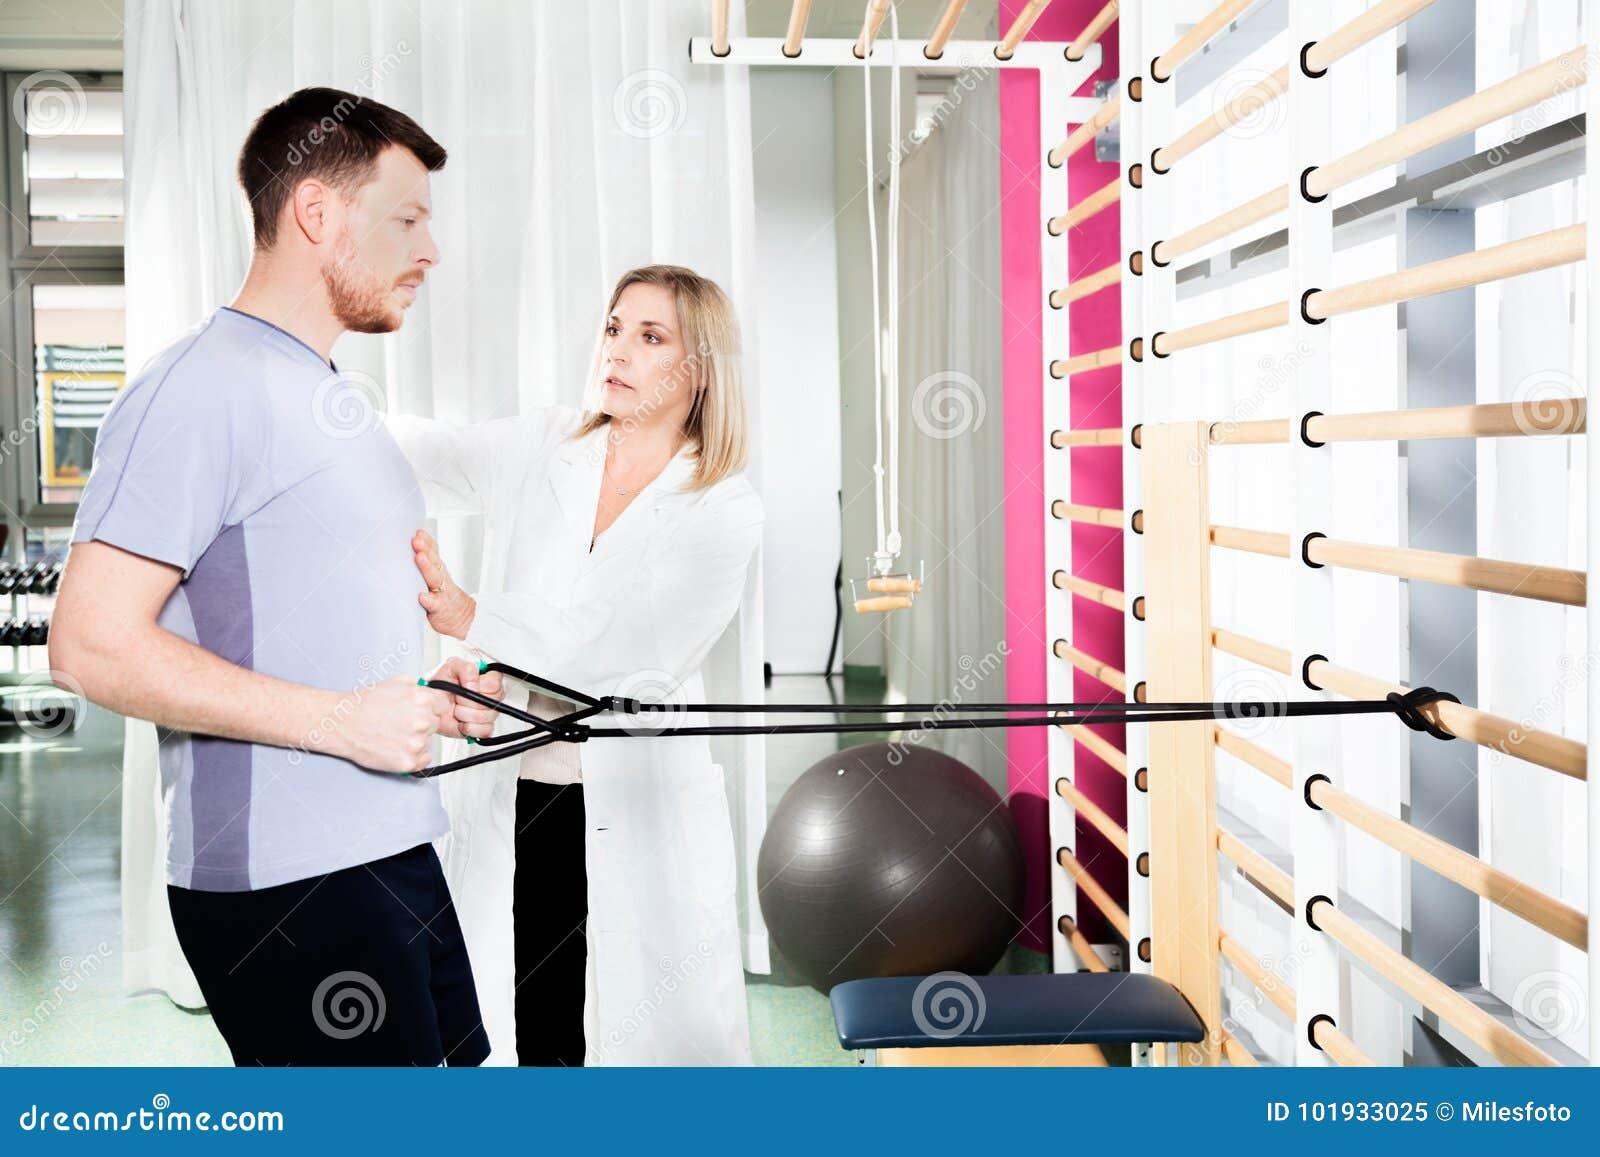 El fisioterapeuta ayuda a un paciente a restaurar el movimiento